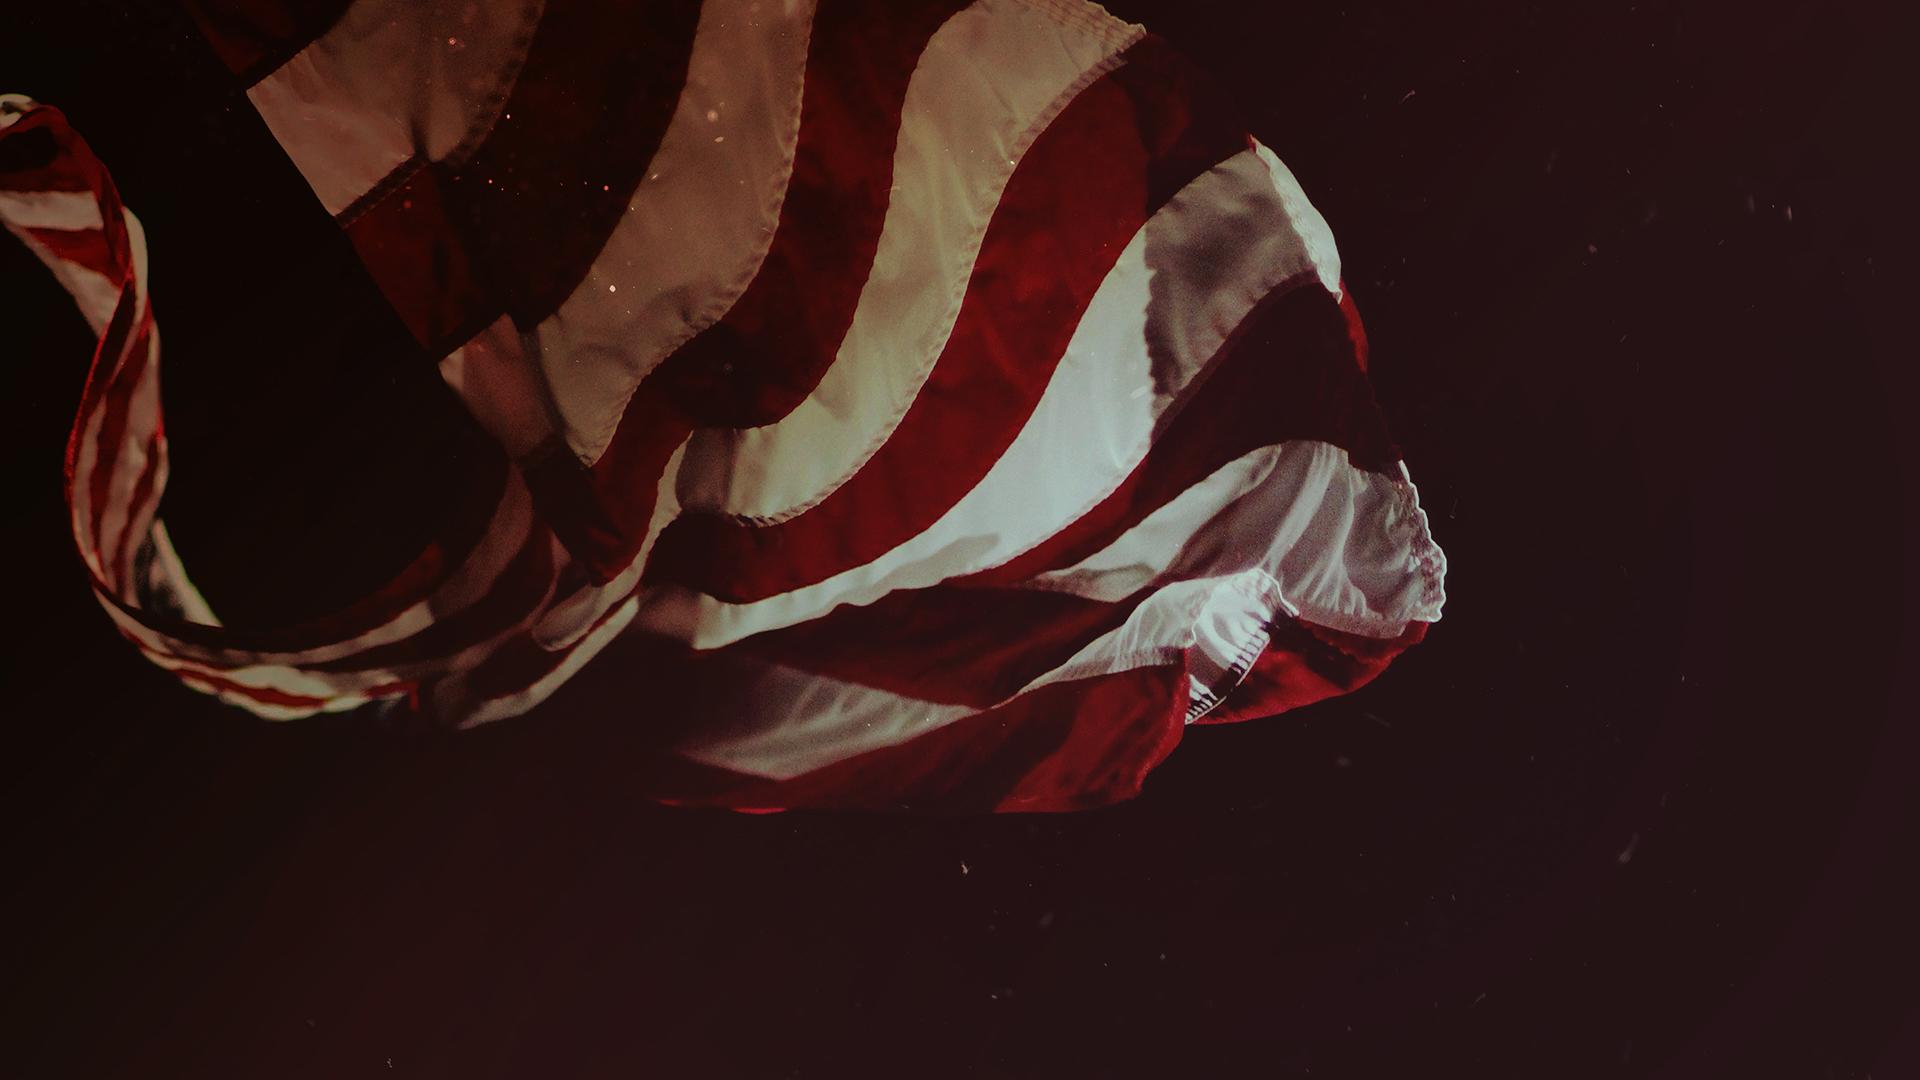 TERROR_S2_Concept01_03_Flag